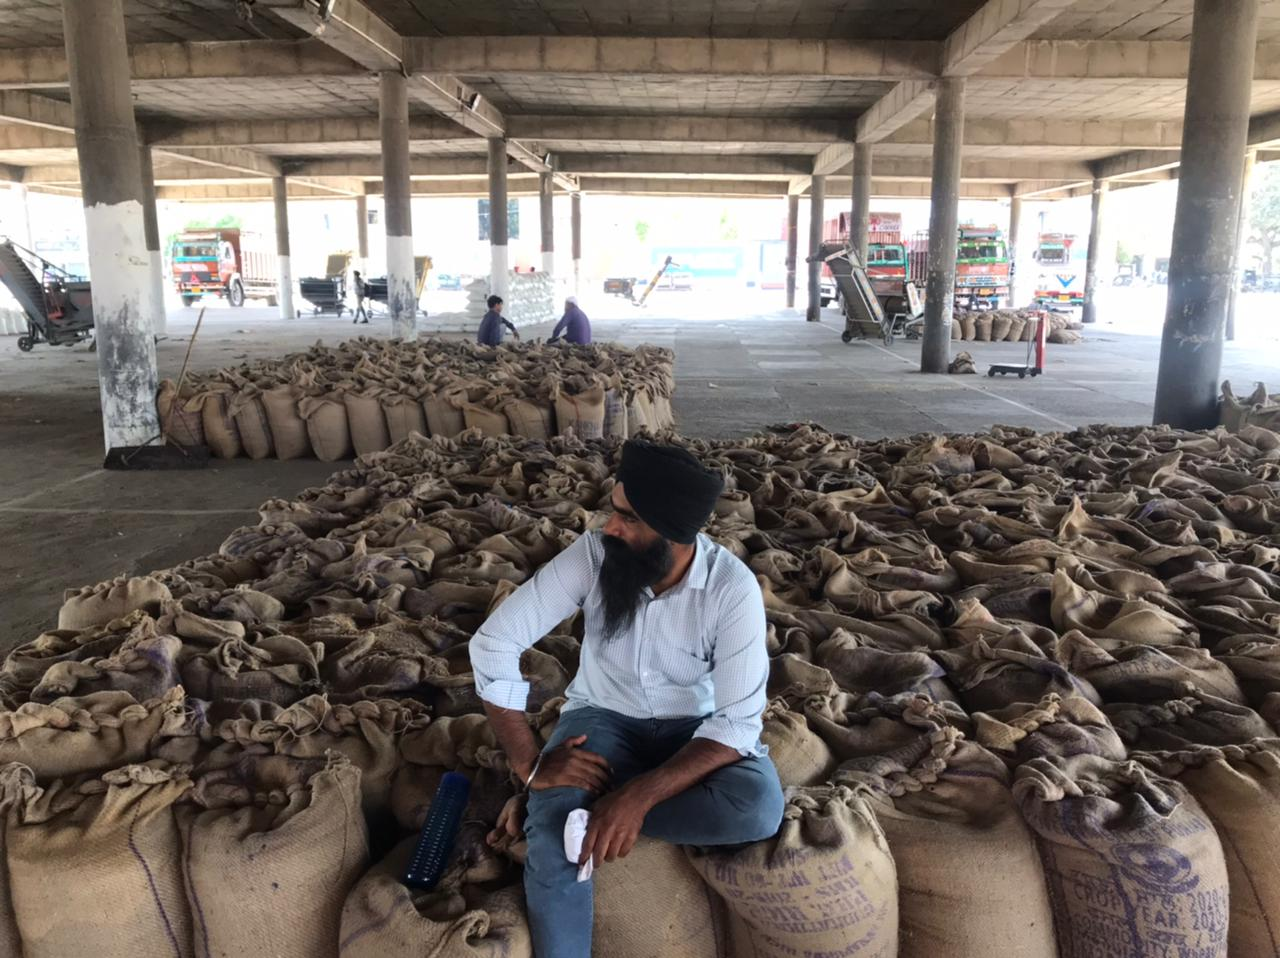 जालंधर मंडी में पहुंचा गेहूं लेकिन आढ़ती हड़ताल पर गए, खरीद न होने से मंडियों में ही गुजरेंगी किसानों की रातें|जालंधर,Jalandhar - Dainik Bhaskar